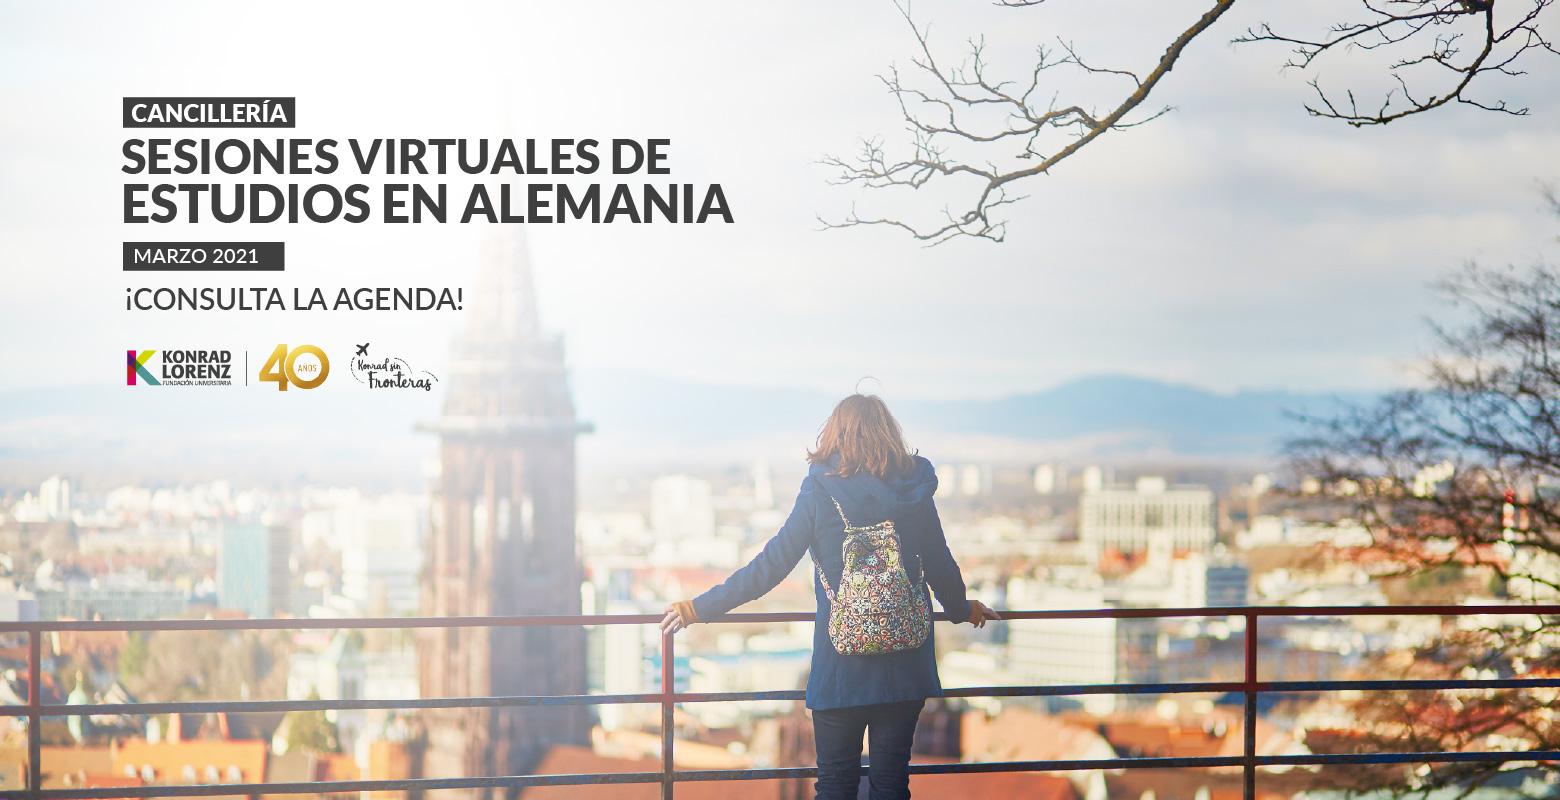 Cancillería: Sesiones Virtuales de Estudios en Alemania - Marzo 2021